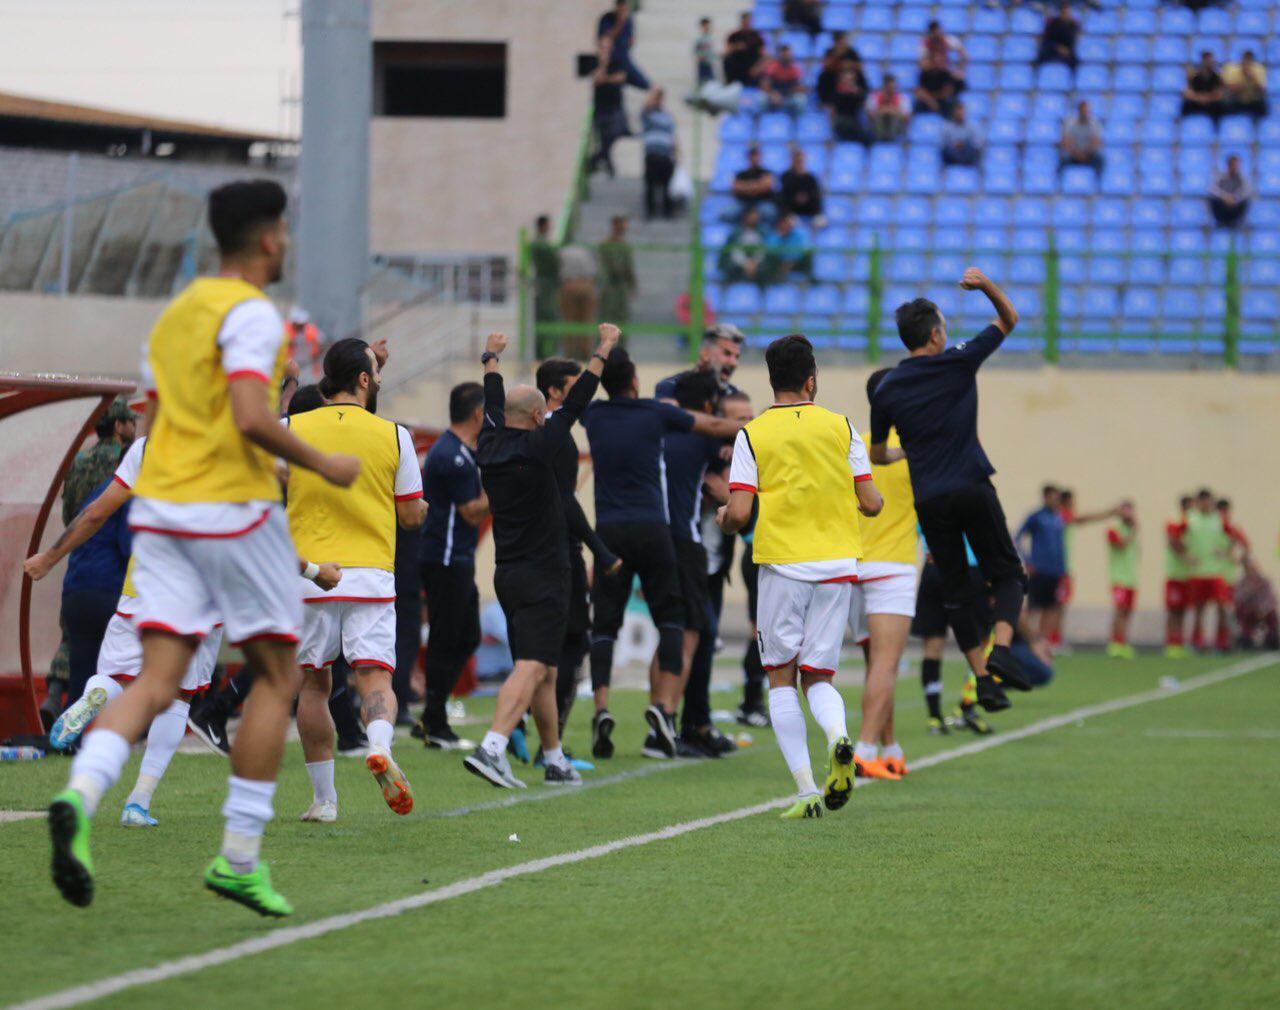 رقابت های جام حذفی دیروزدر شرایطی آغاز شد در یکی از دیدارهای این مرحله، شاگردان مهاجری طبق قرعه از تیم شهرخودرو مشهد پذیرایی کردند.